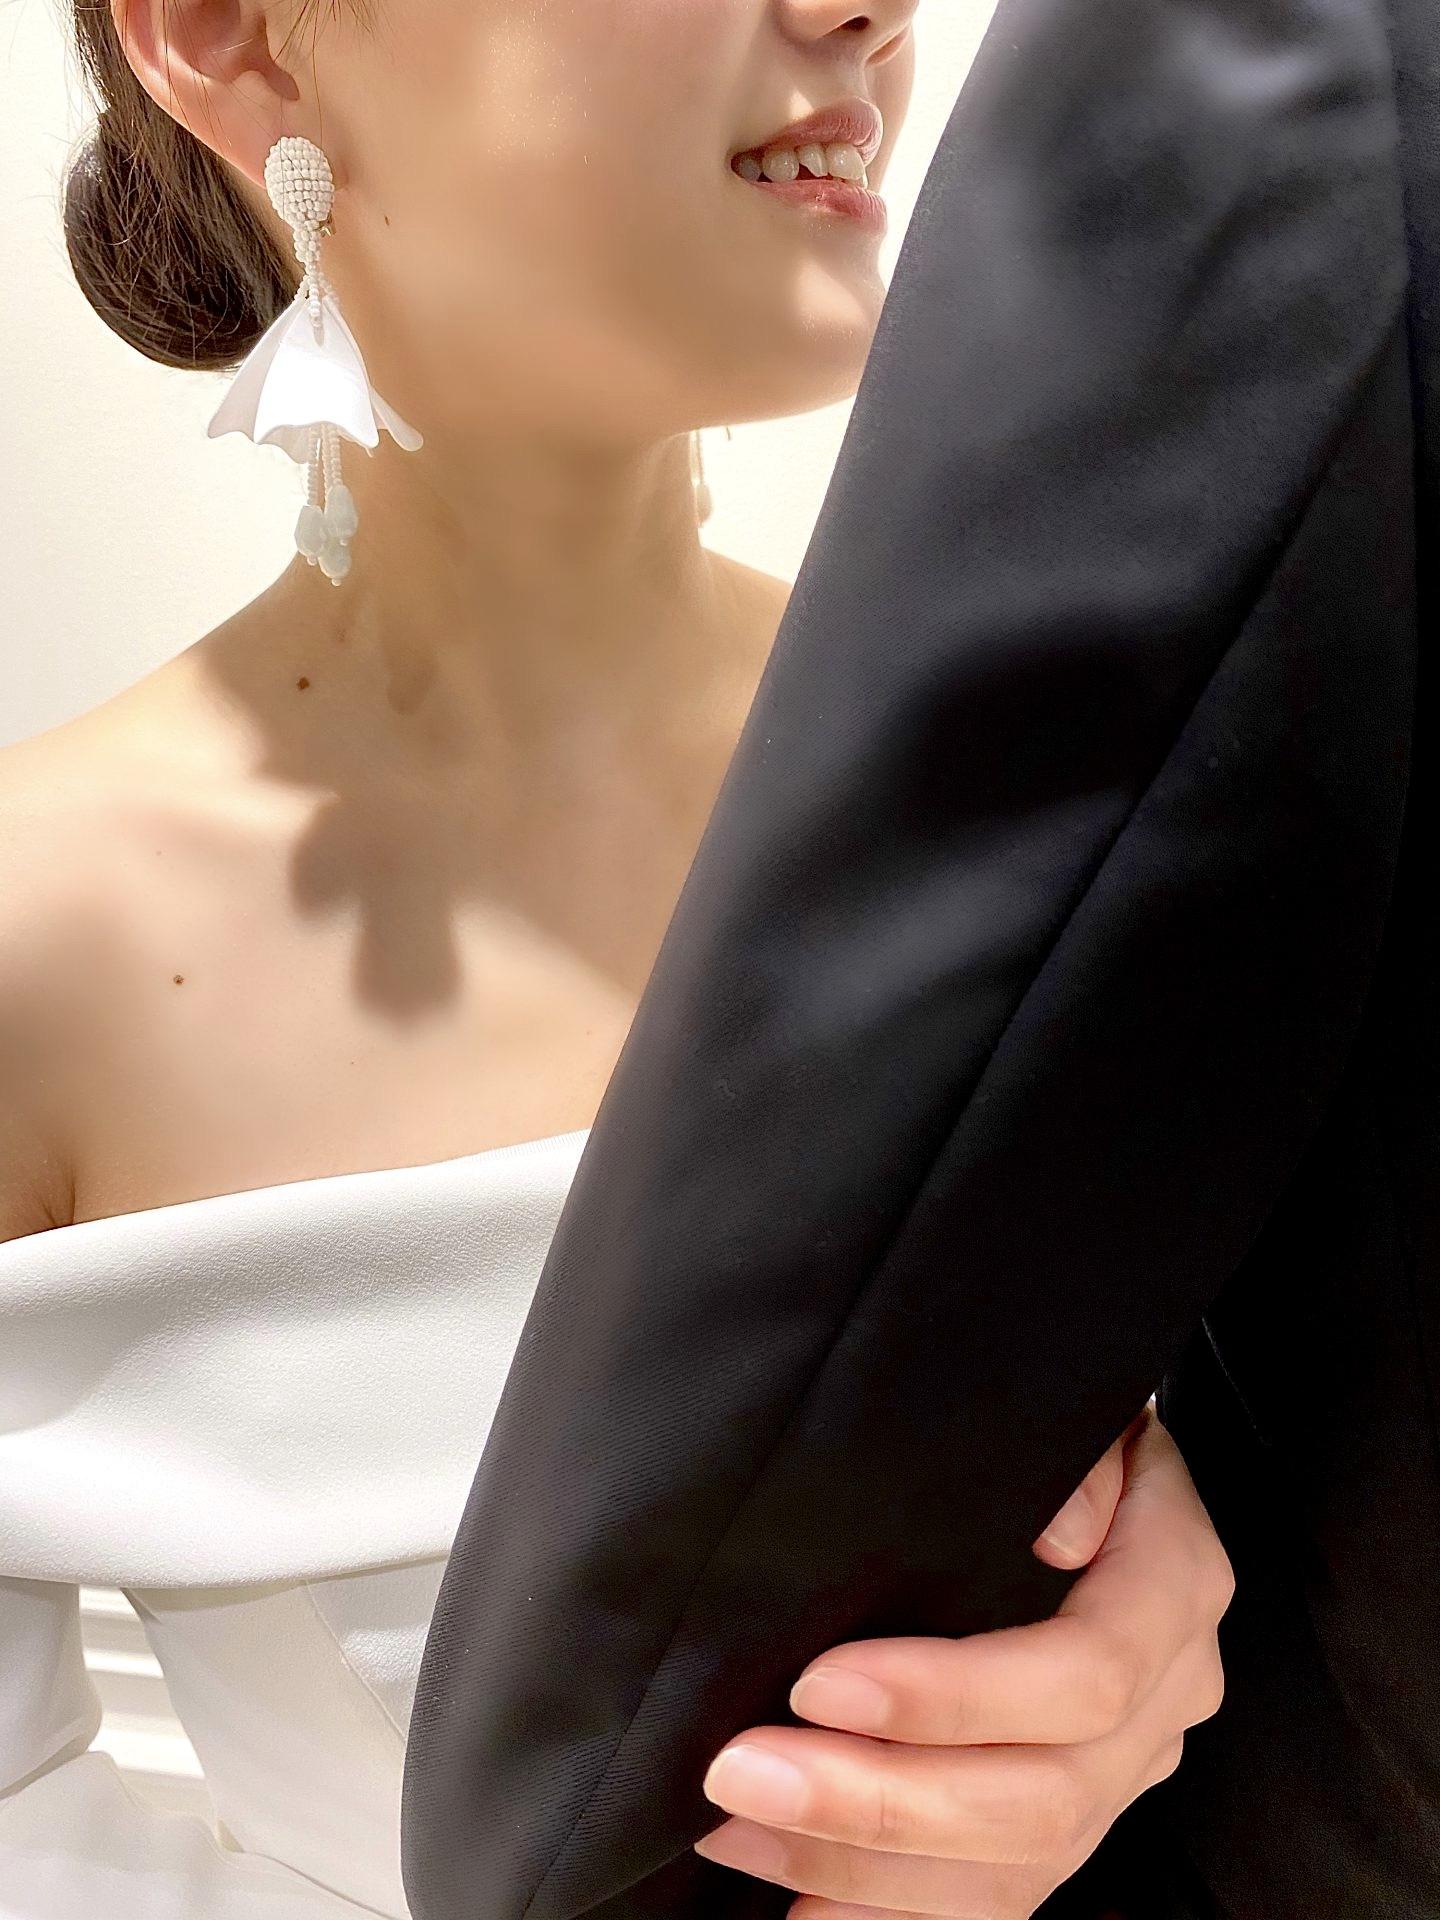 京都エリアでご結婚式をお考えのプレ花嫁様にご紹介したい存在感のあるザトリートドレッシングで人気なイヤリング